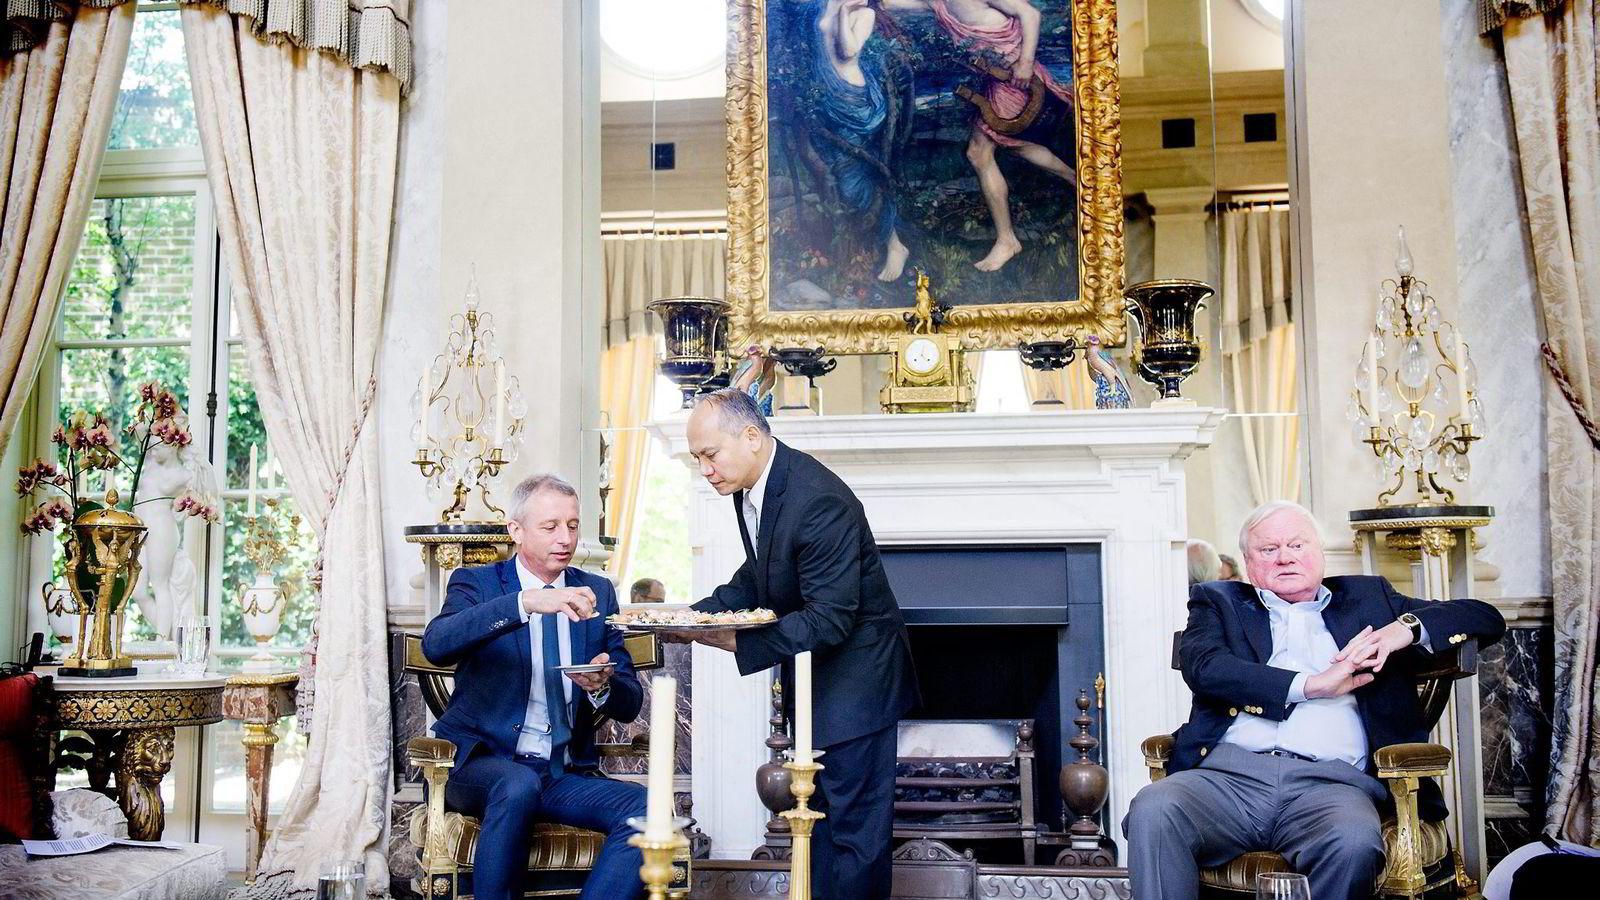 Kanapeer sto på menyen da John Fredriksen ønsket Jo Lunder velkommen i milliardvillaen The Old Rectory i London i mai. Nå permitteres han fra toppjobben.